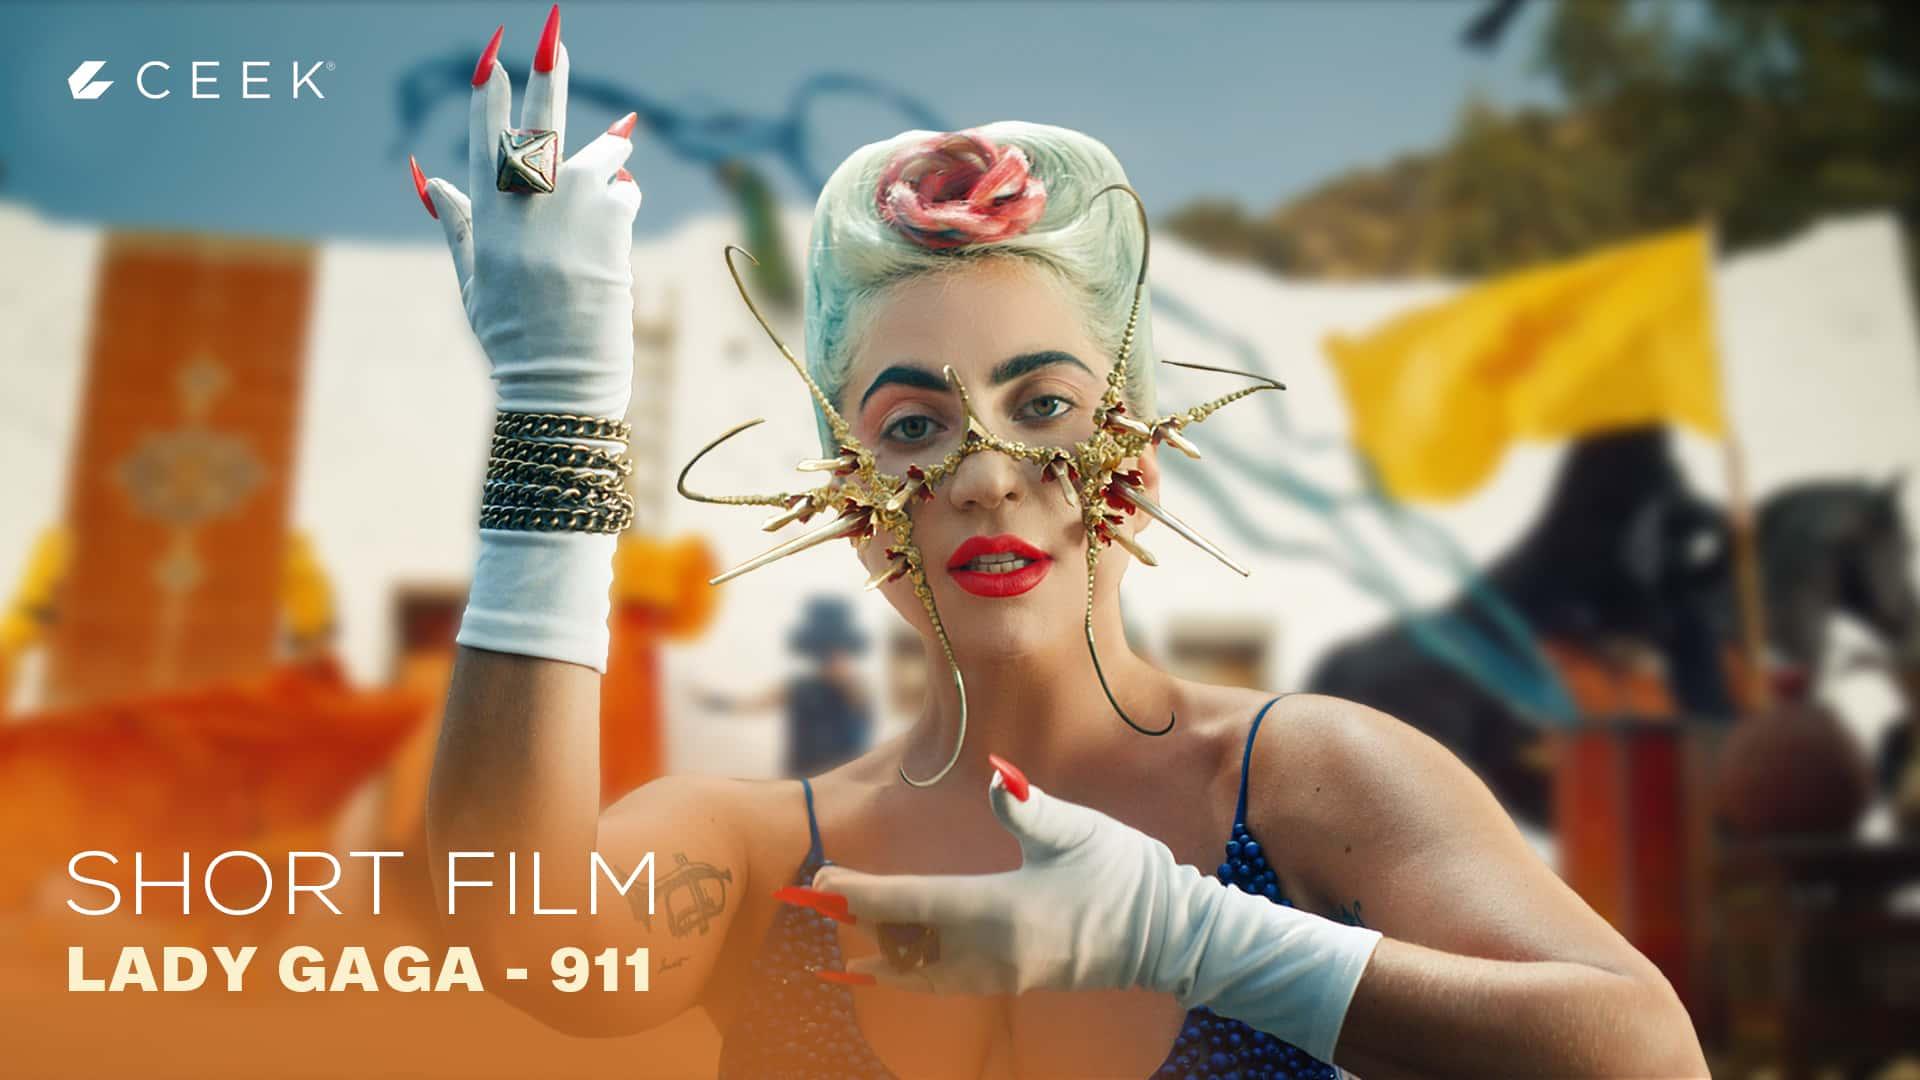 Short Film - Lady Gaga  911